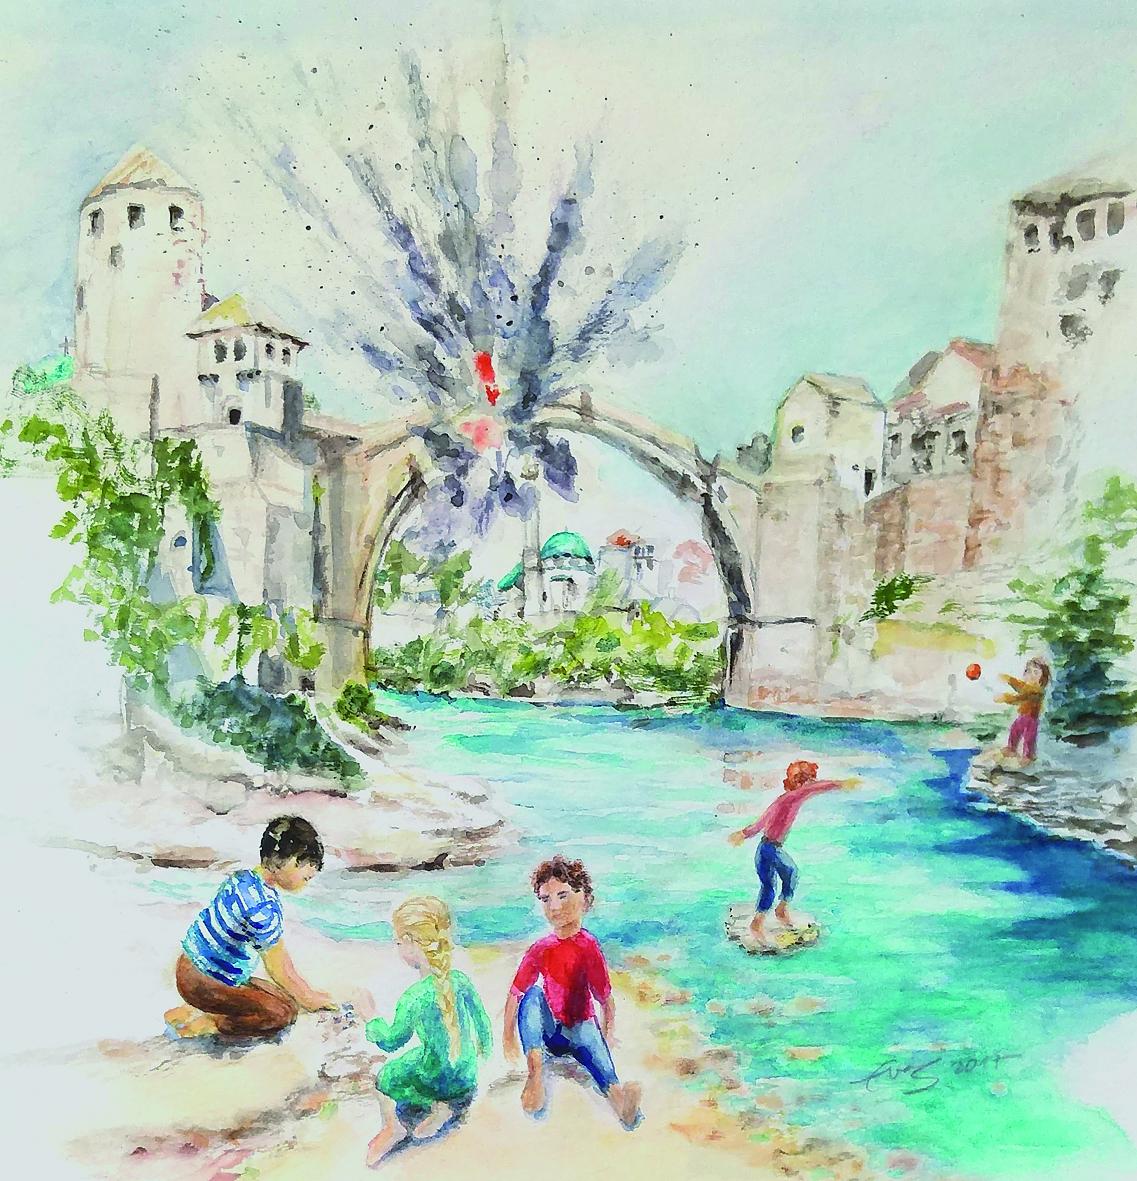 Das Leben geht weiter in Mostar